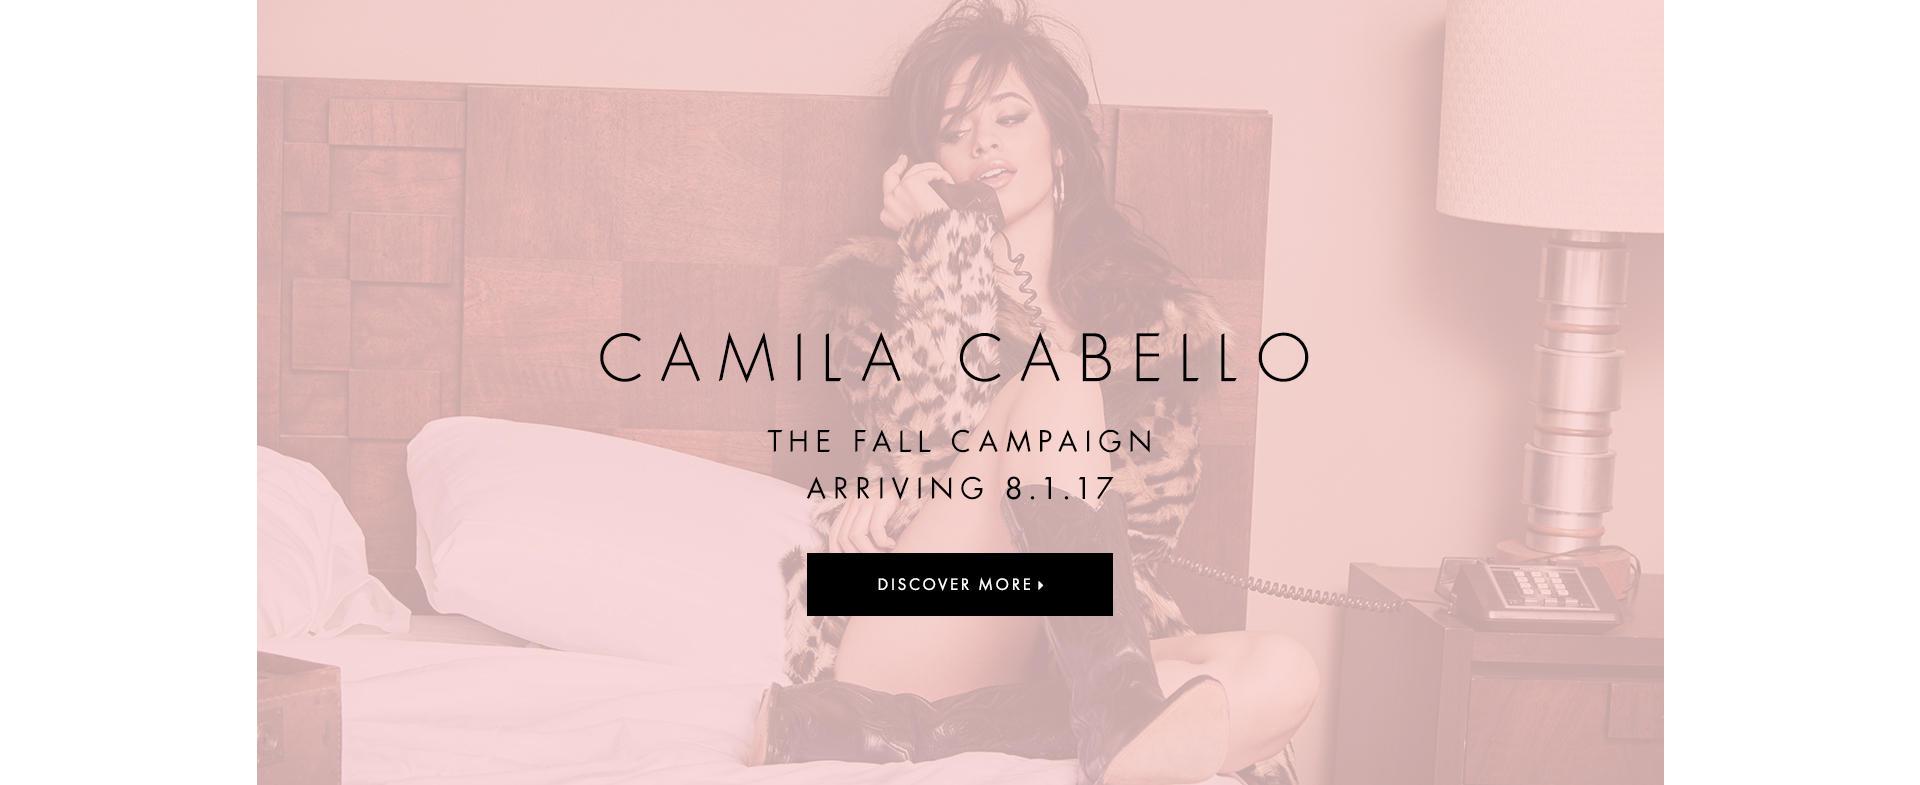 Camila Cabello The Fall Campaign